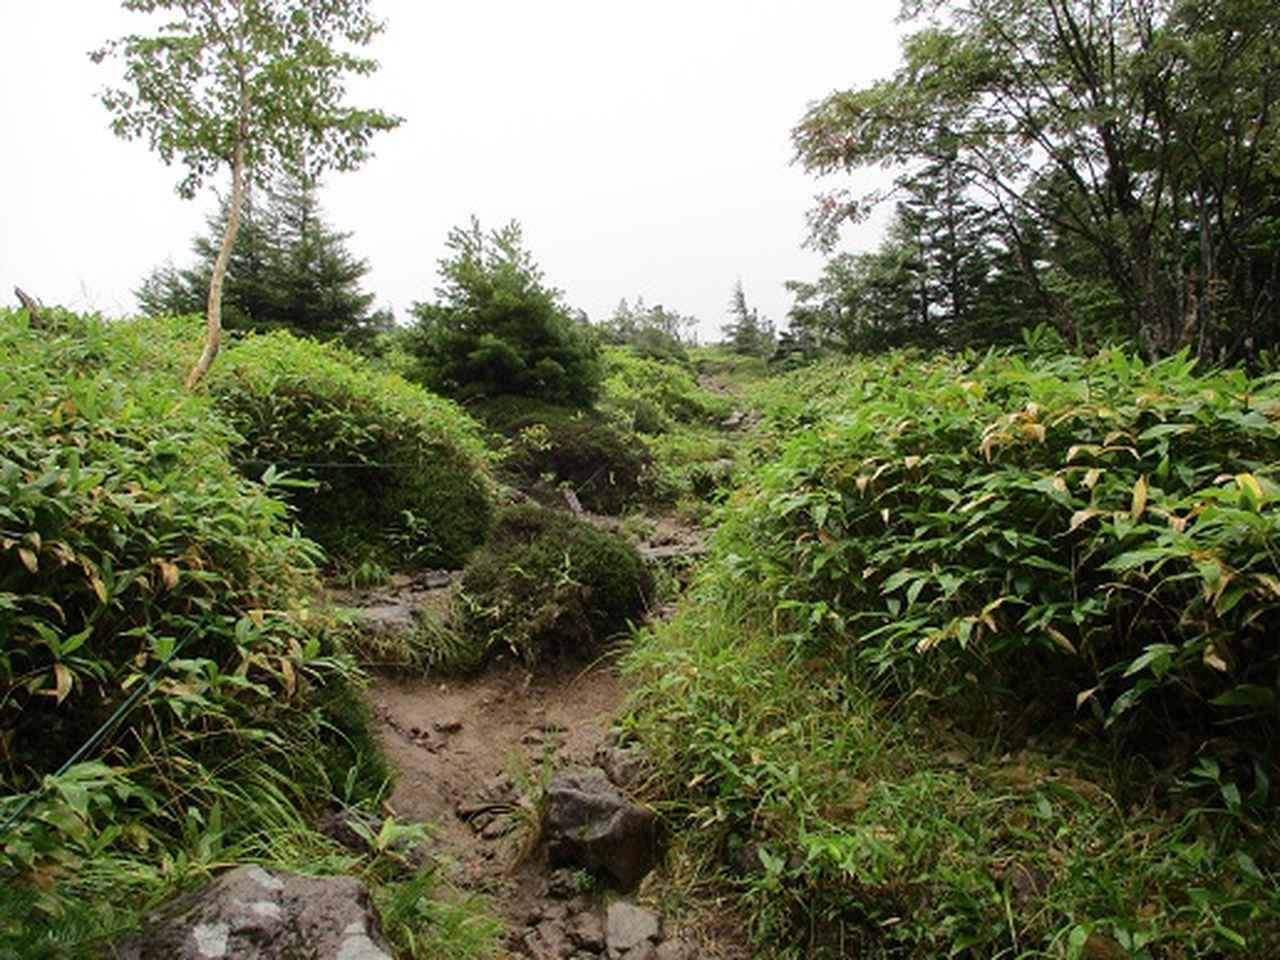 画像2: 【山旅会・登山ガイドこだわりツアー】岡田ガイドからの便り・双子池から亀甲池ツアーの下見にいってまいりました!